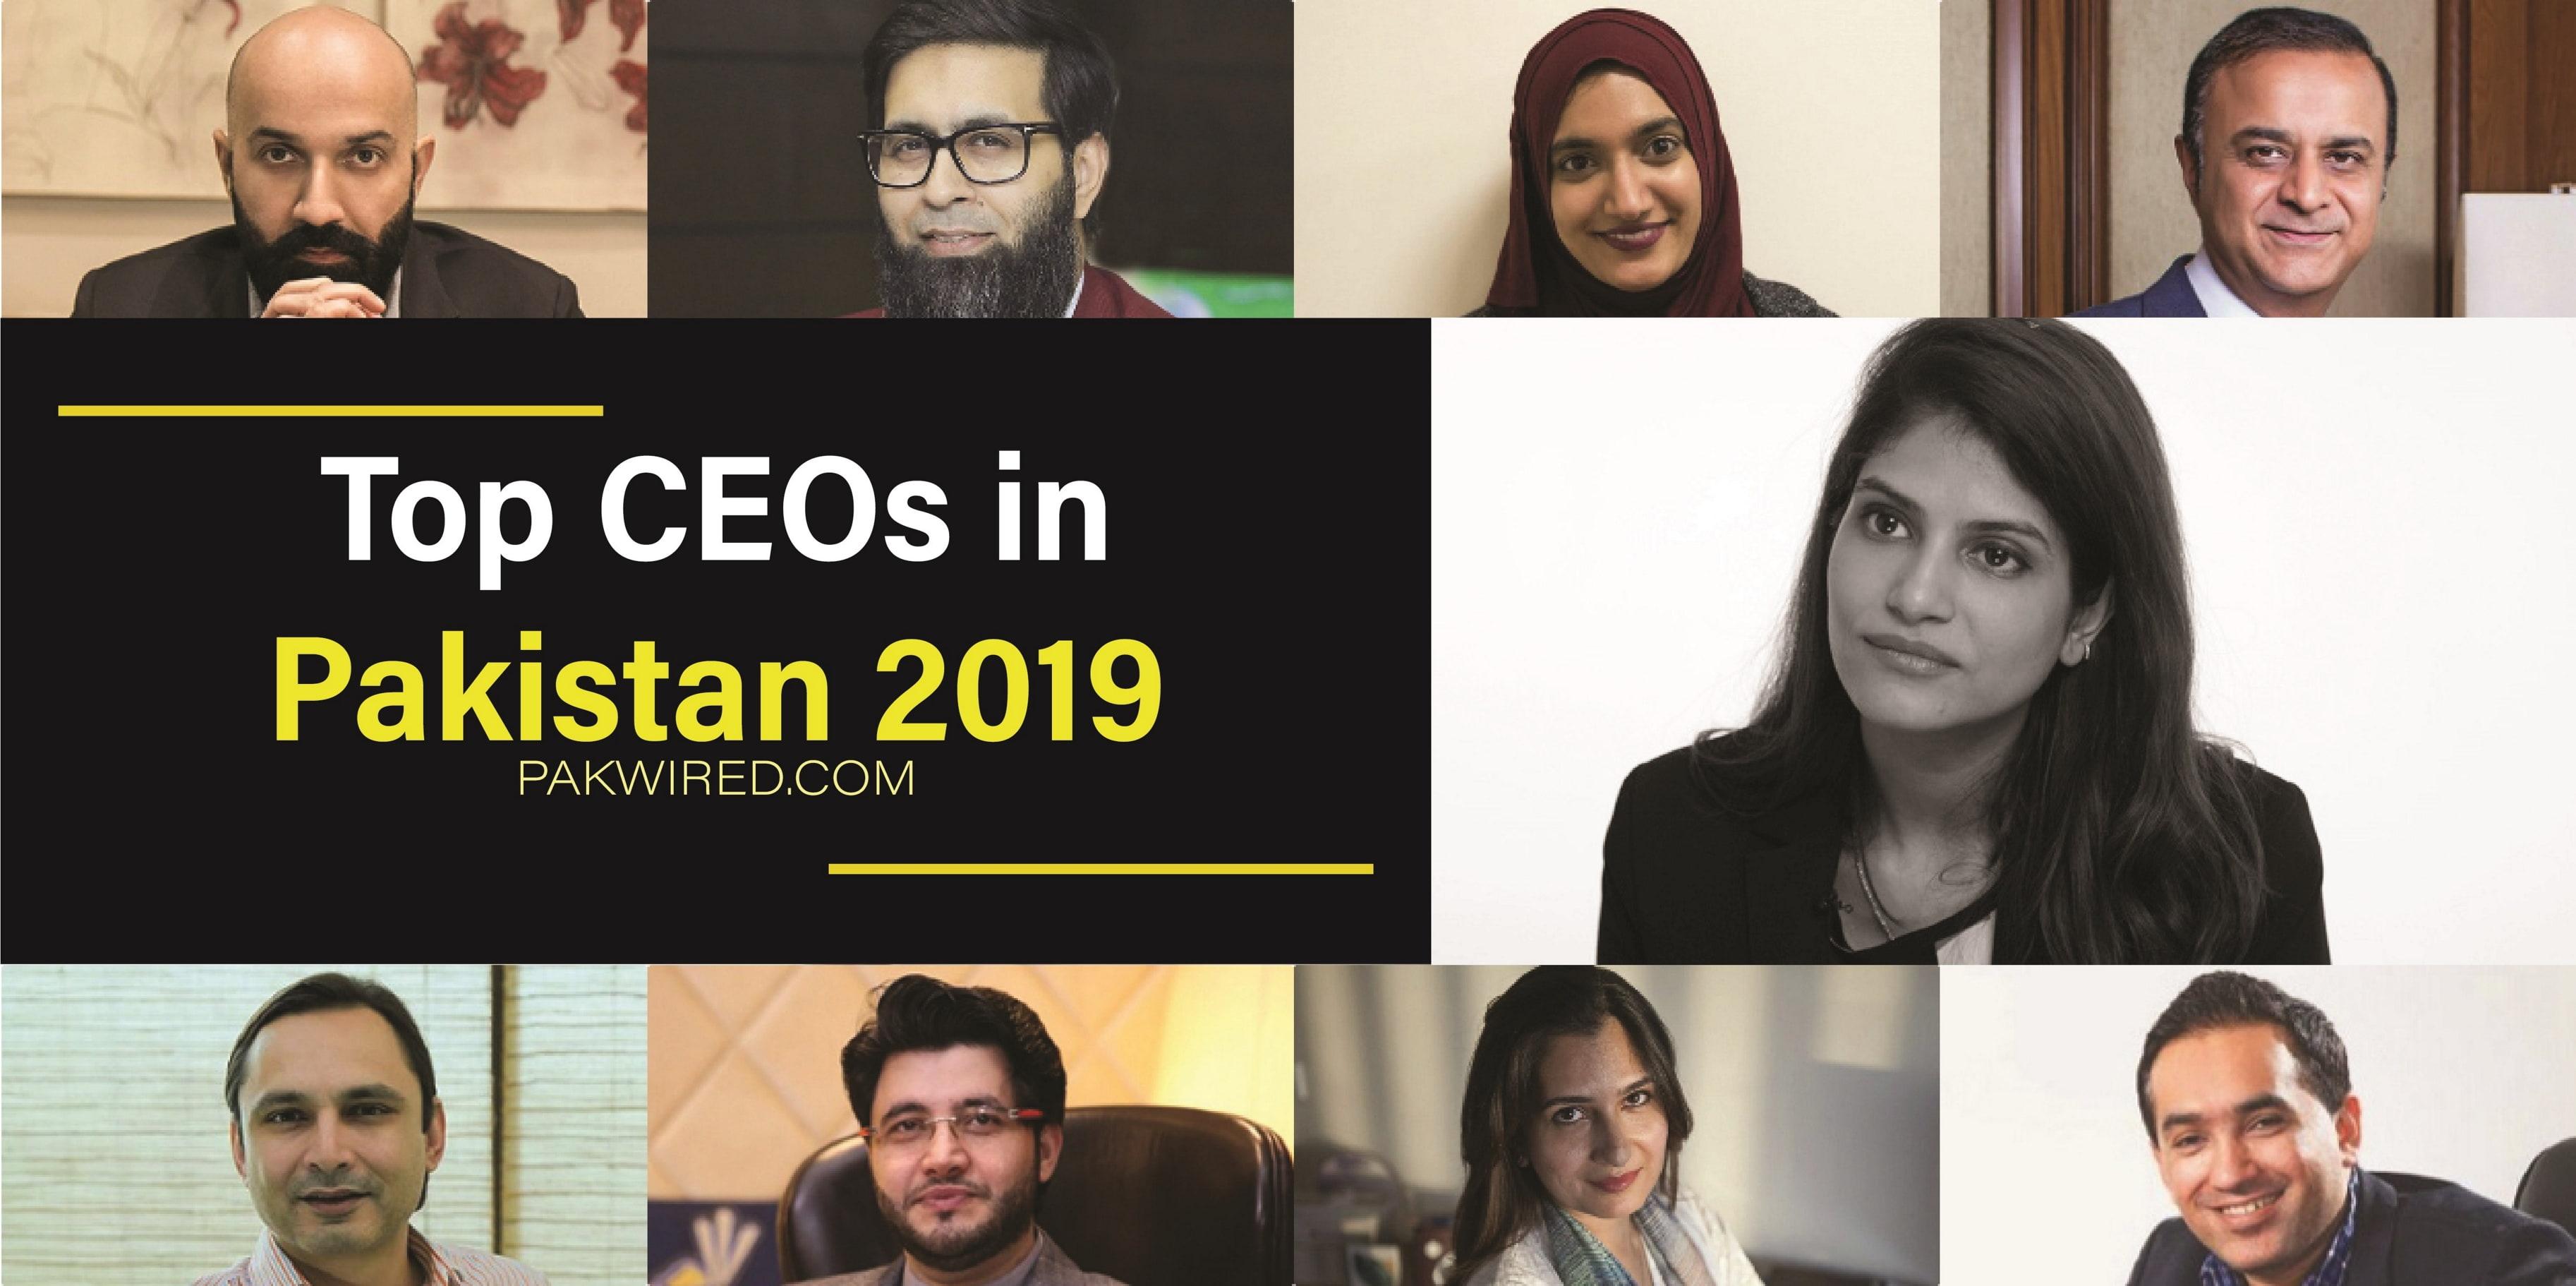 Top ceos in Pakistan 2019